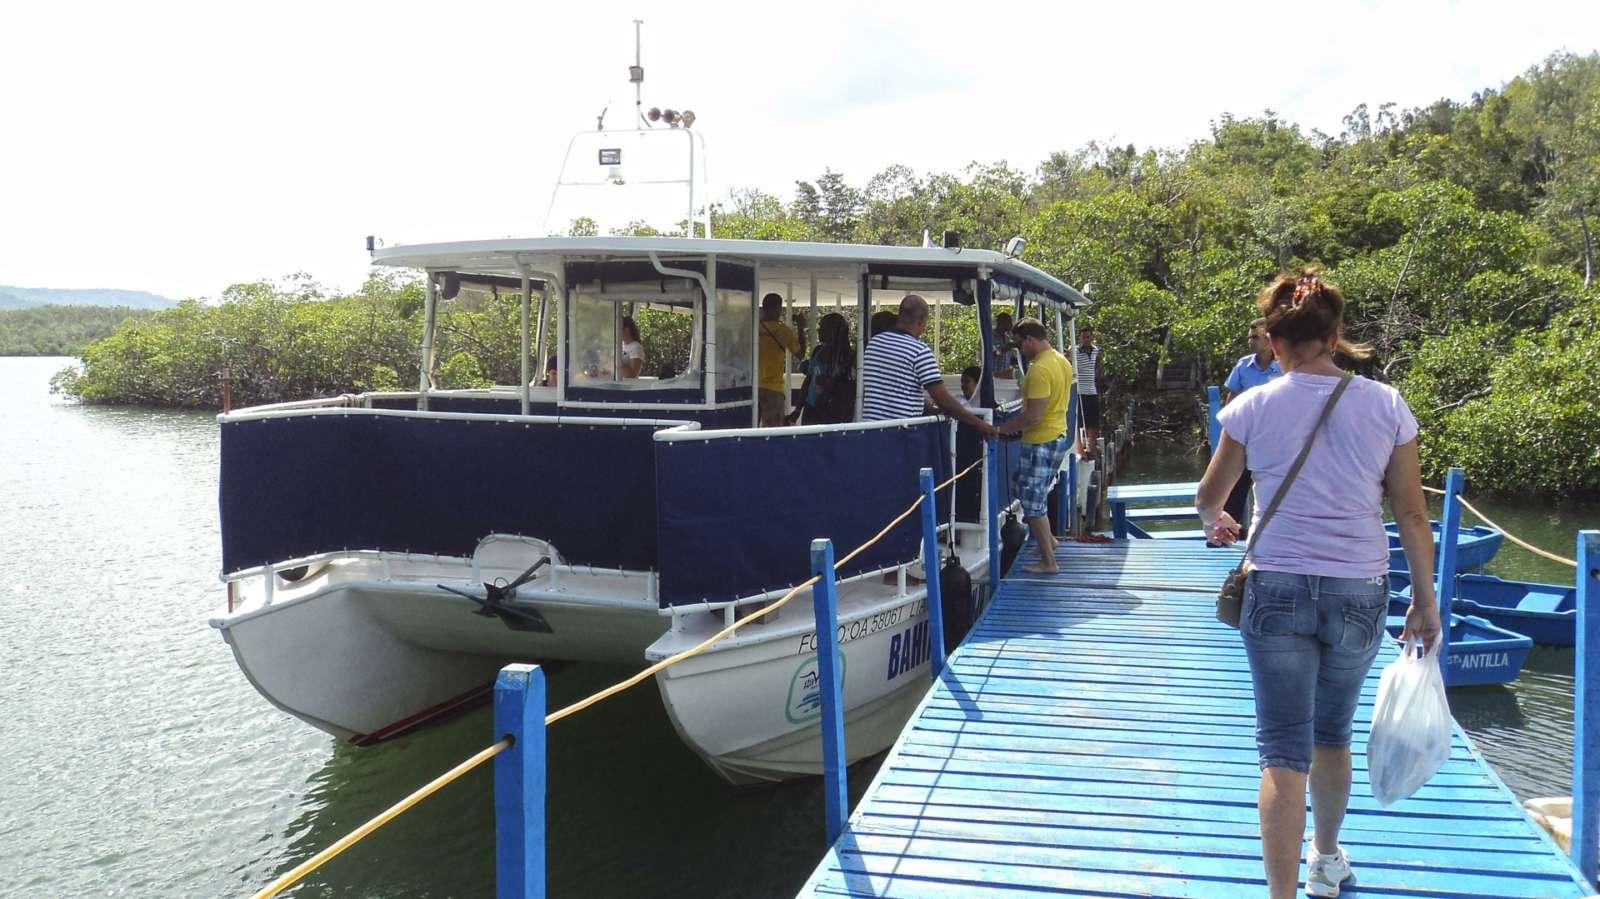 Tourist excursion boat in Guardalavaca